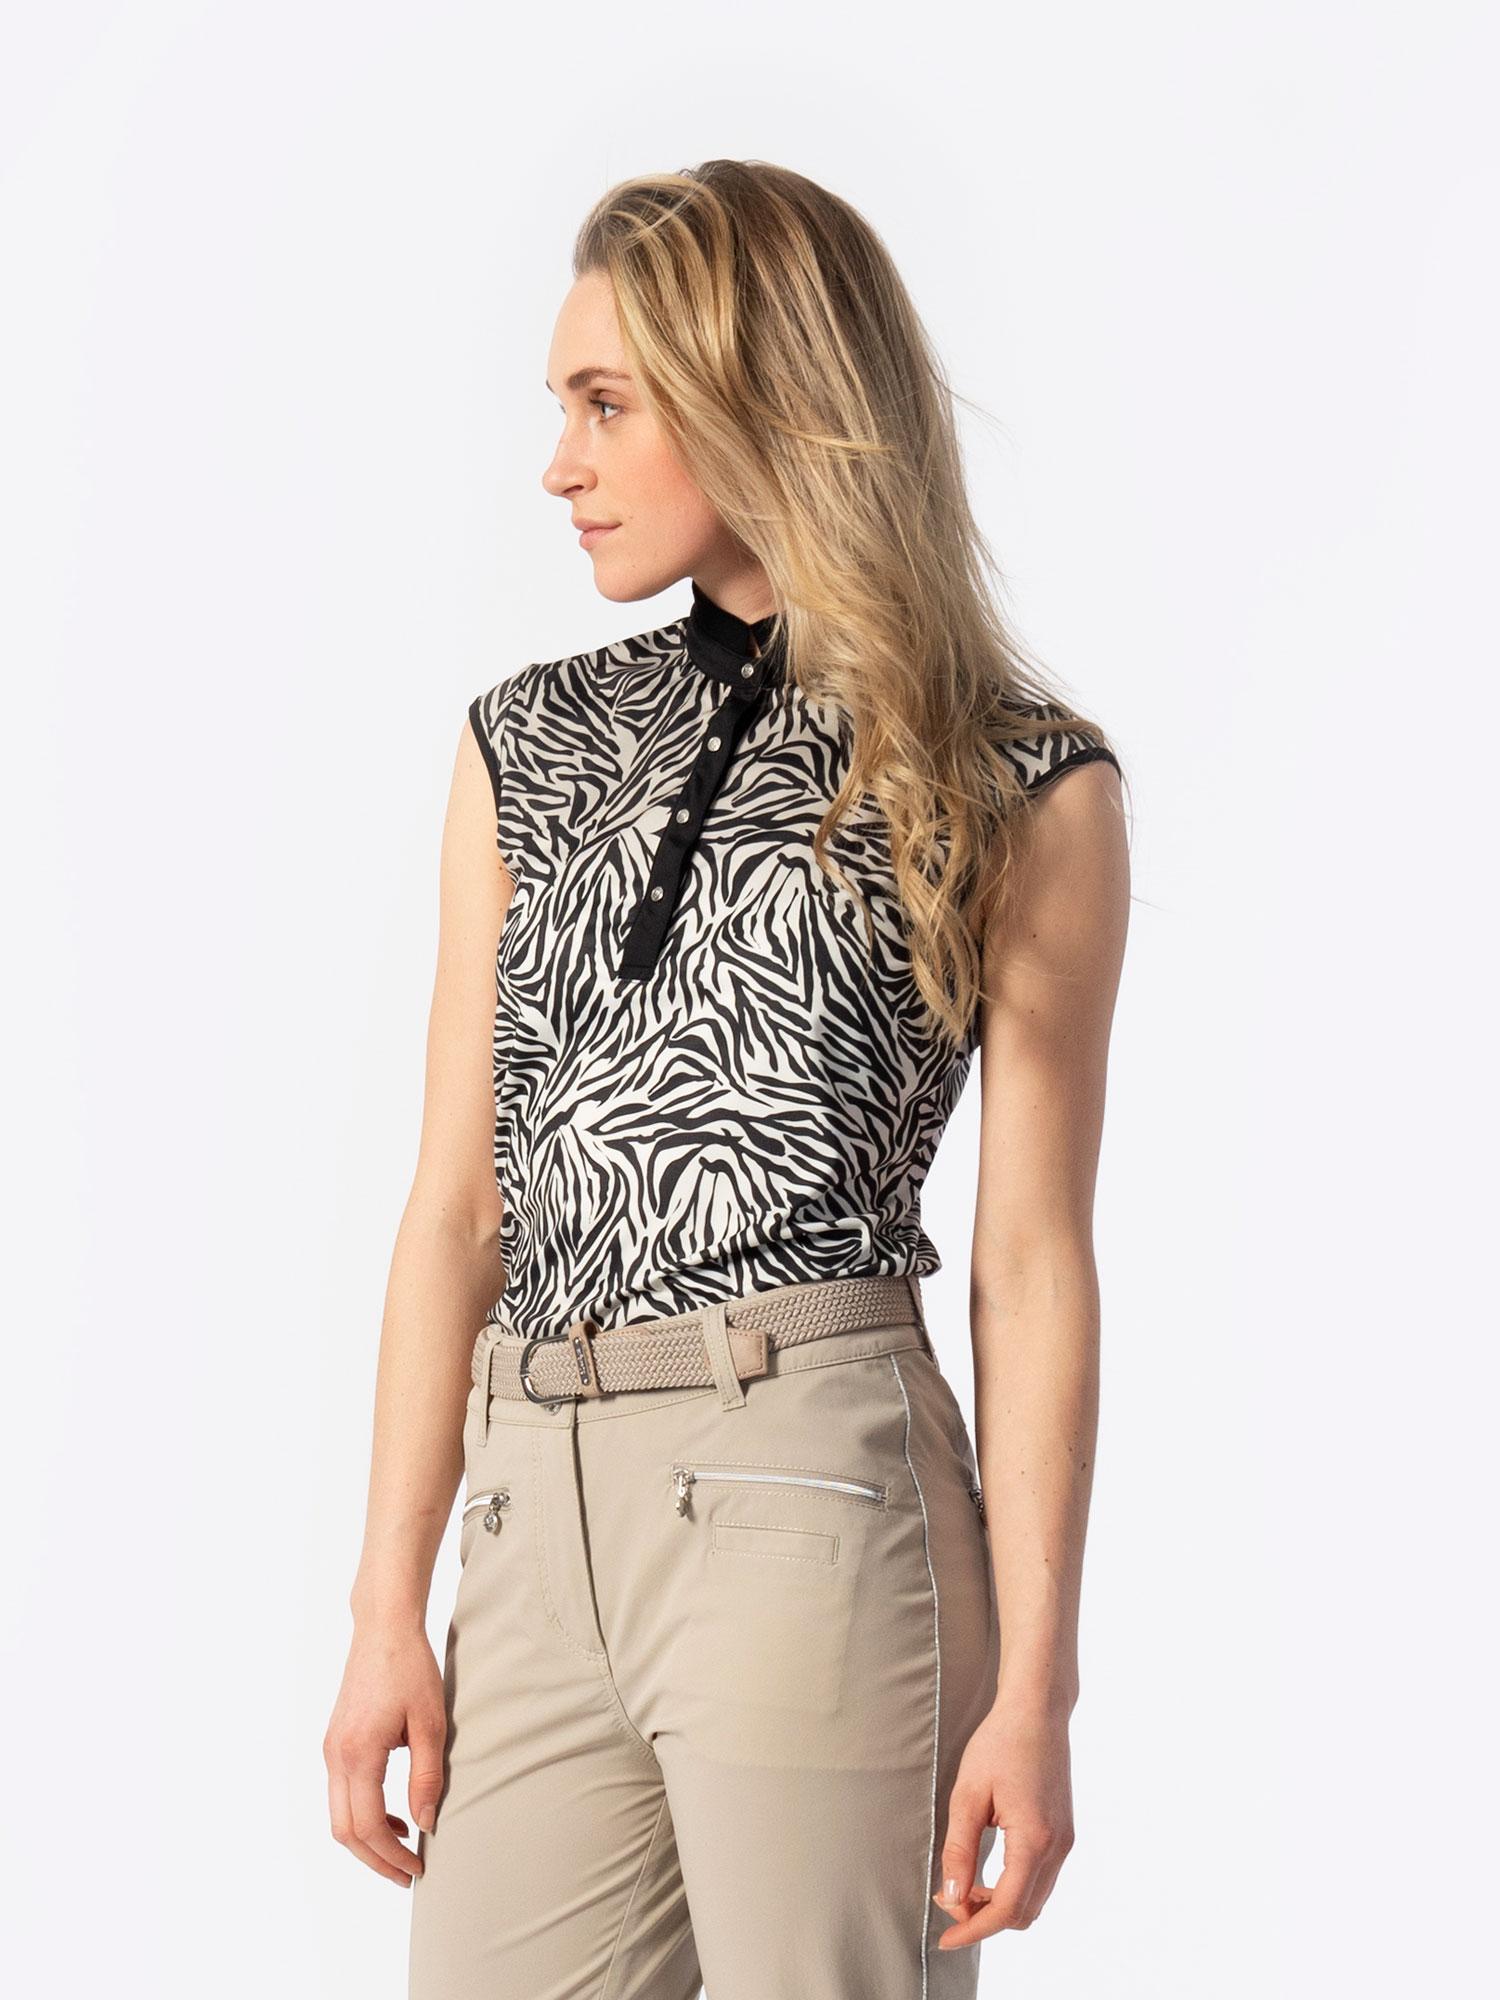 Tiana Cap Sleeveless Polo Shirt